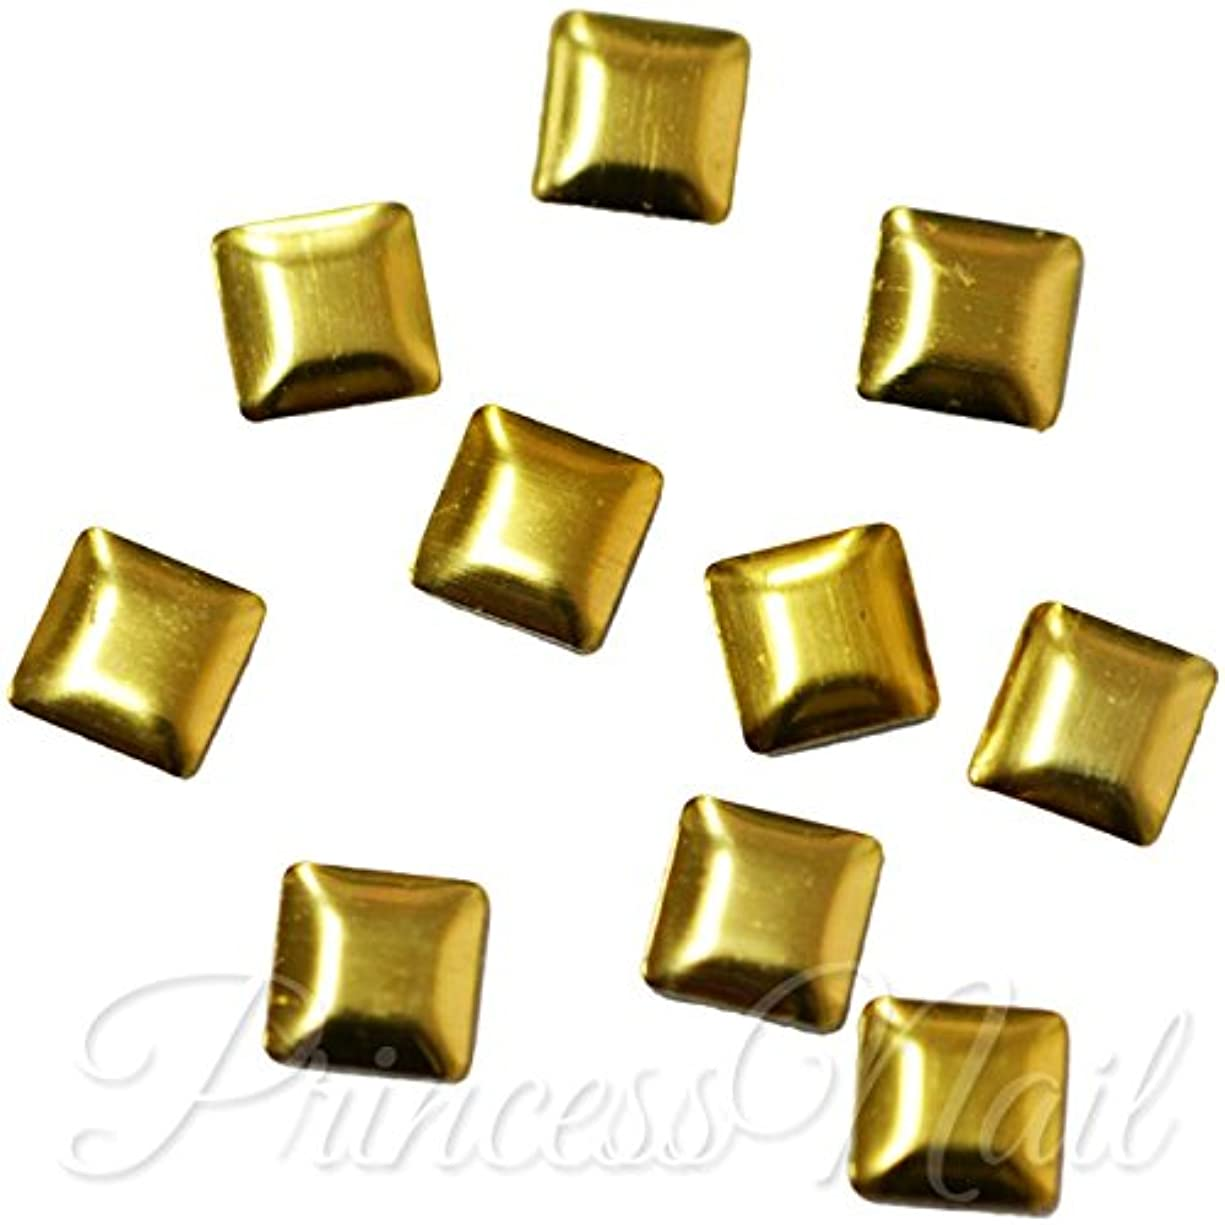 示す発行する声を出してメタルスタッズ 4mm スクエア ゴールド 約40粒